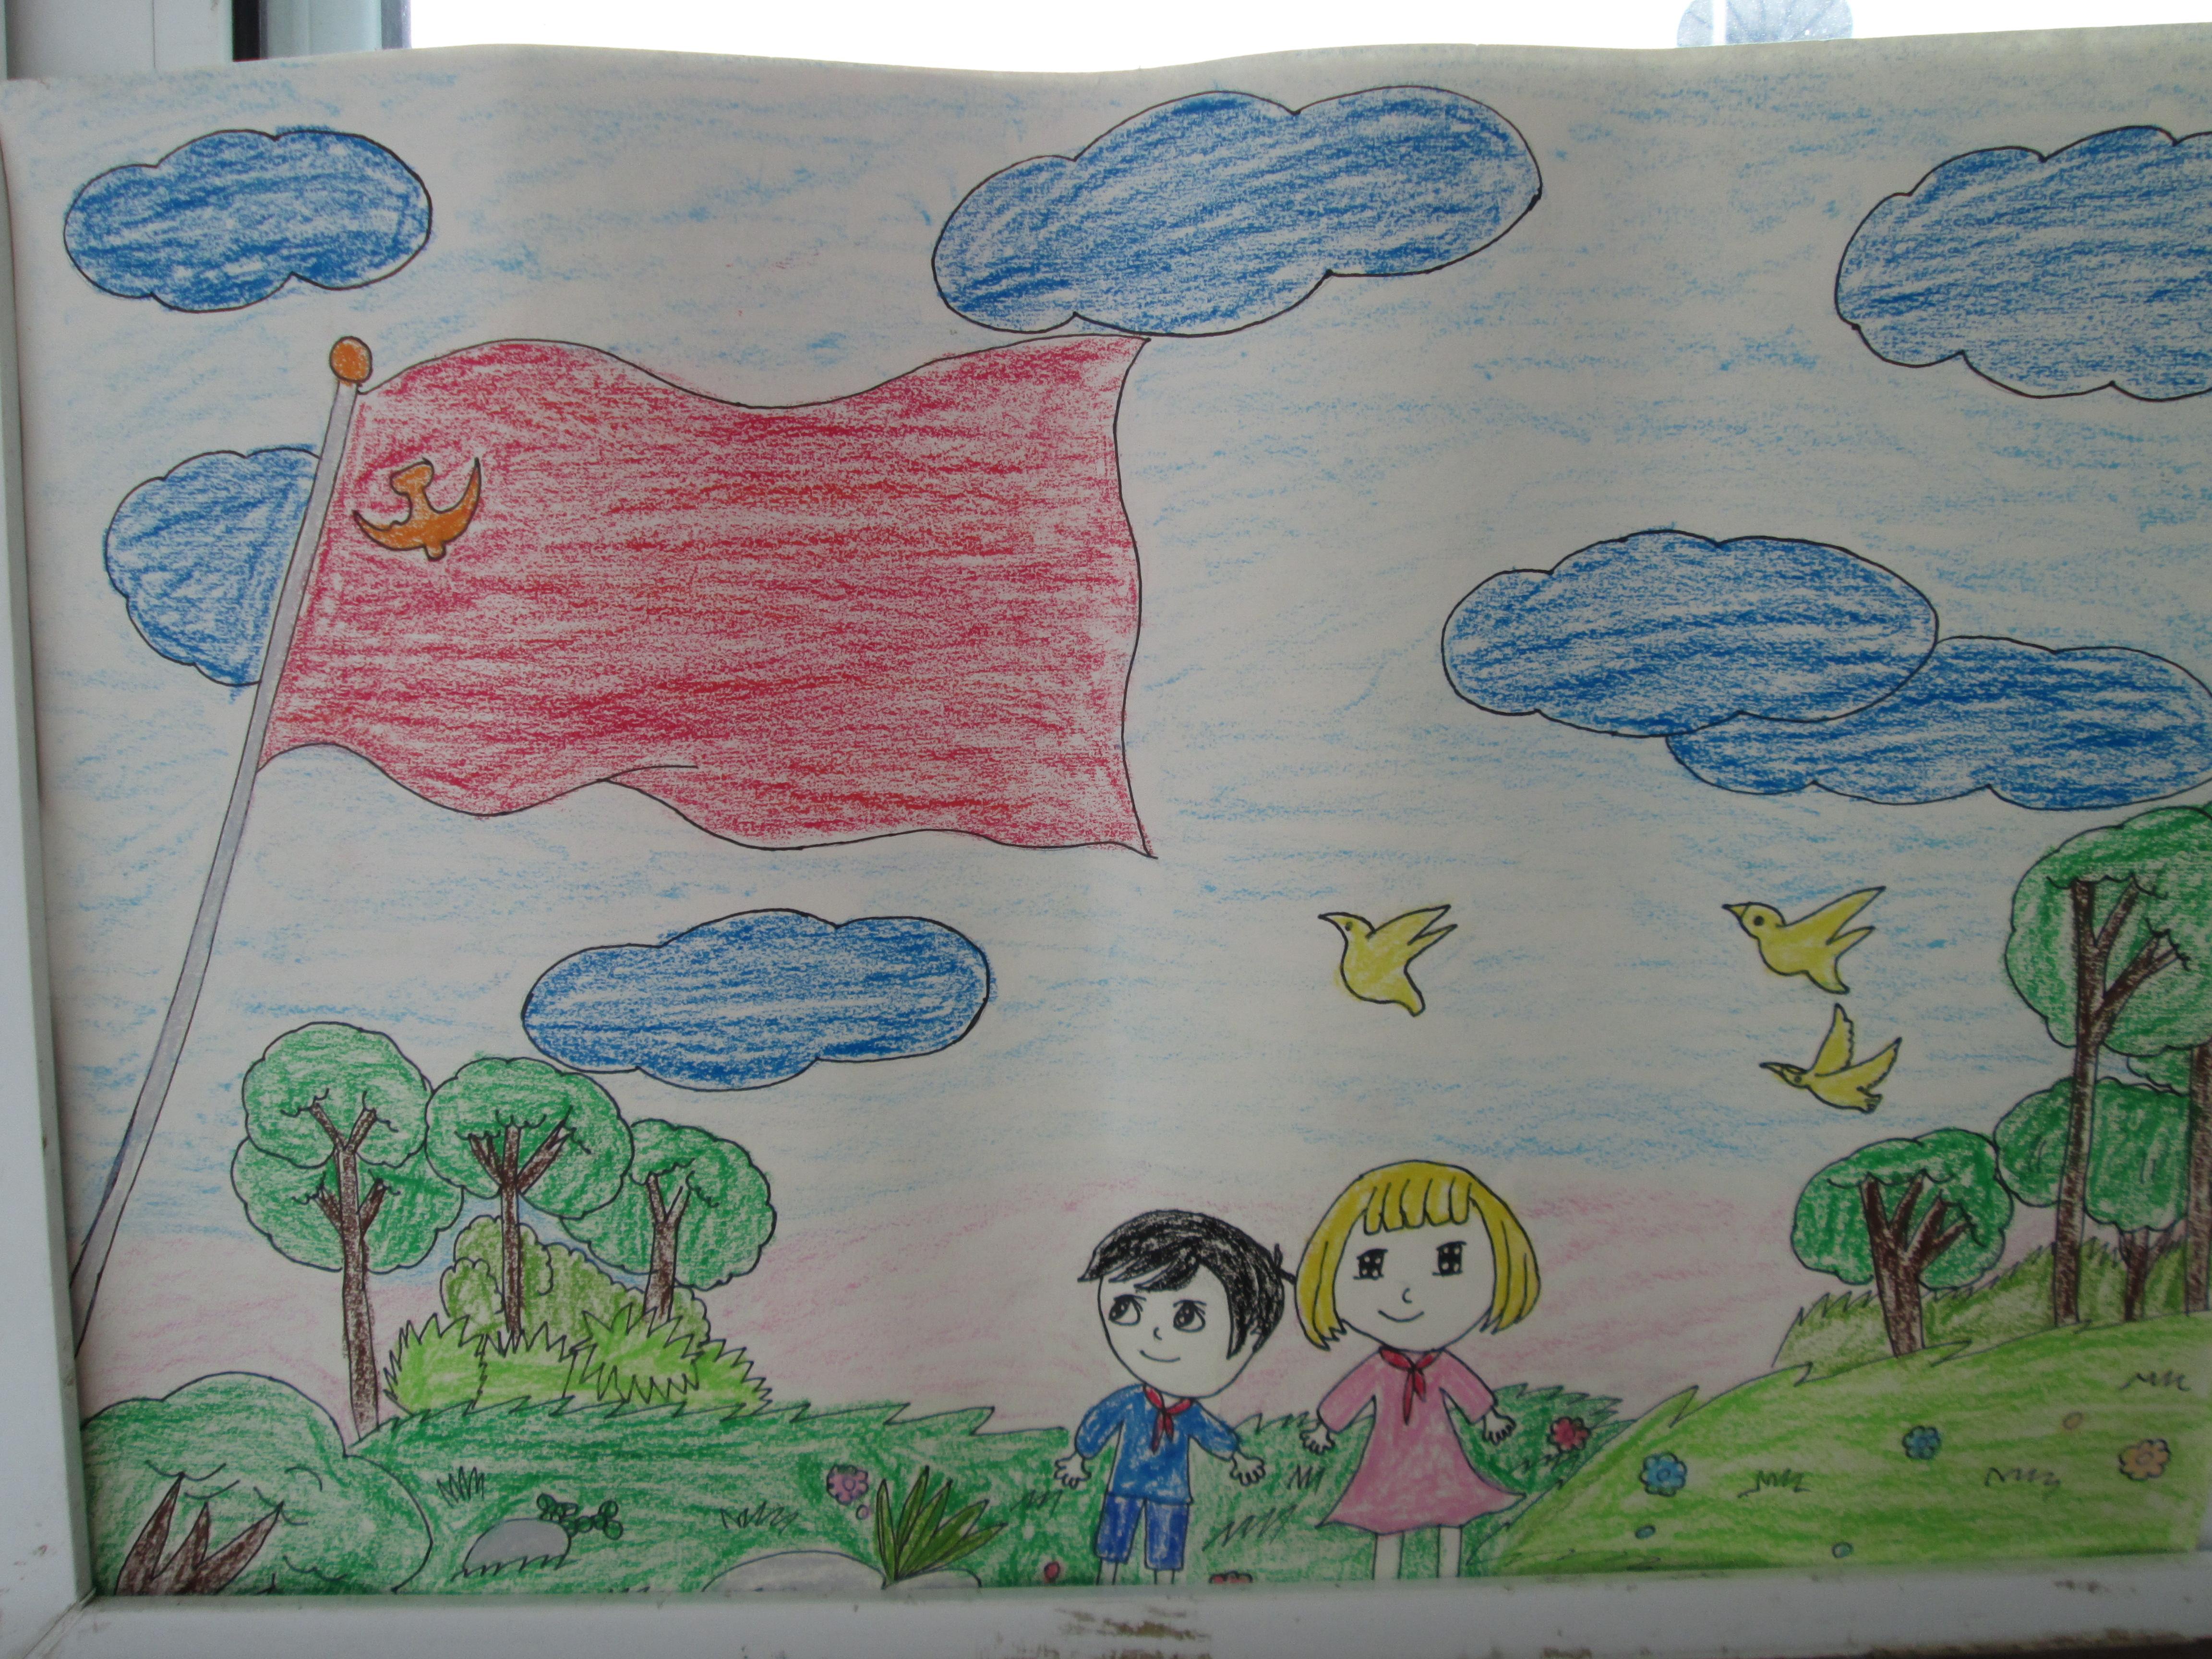 放飞梦想 - 红领巾相约中国梦动态上传 - 活动 - 未来